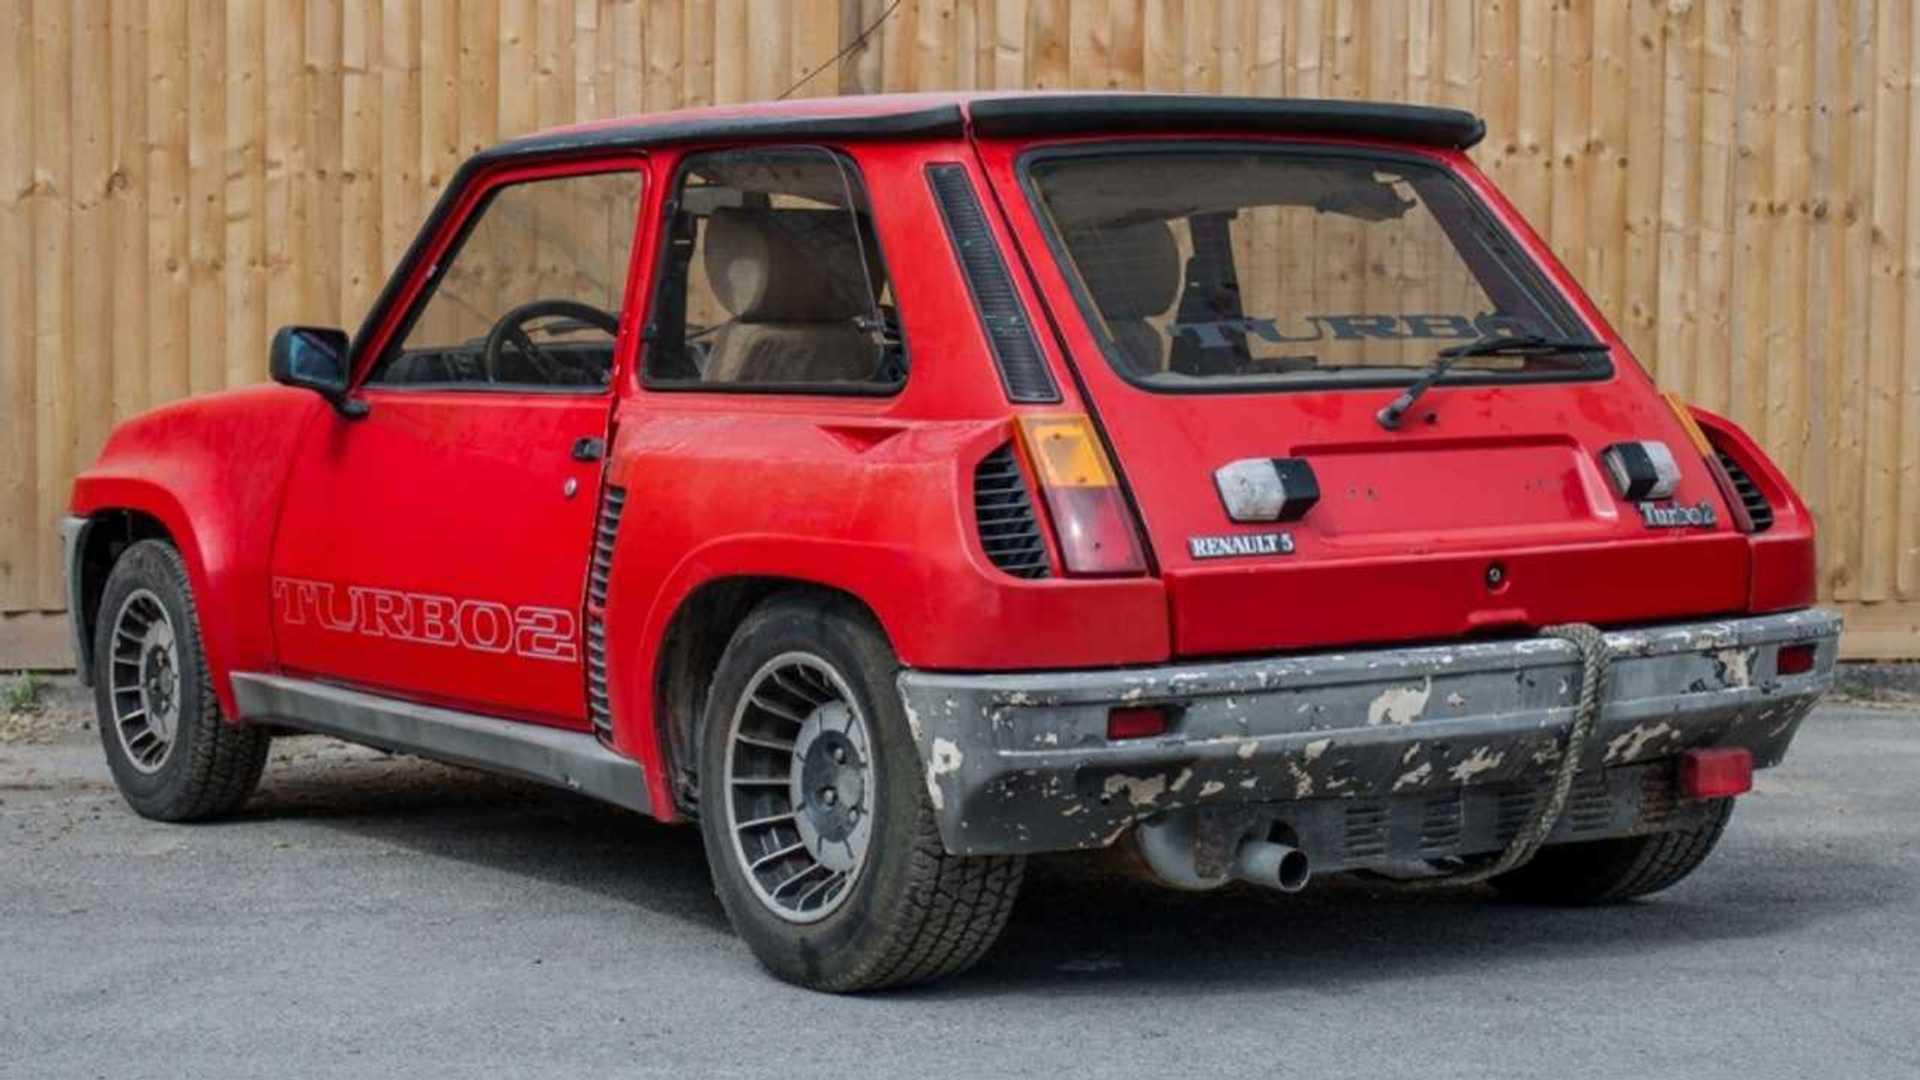 Por un precio más bajo... ¿comprarías este Renault 5 destrozado?